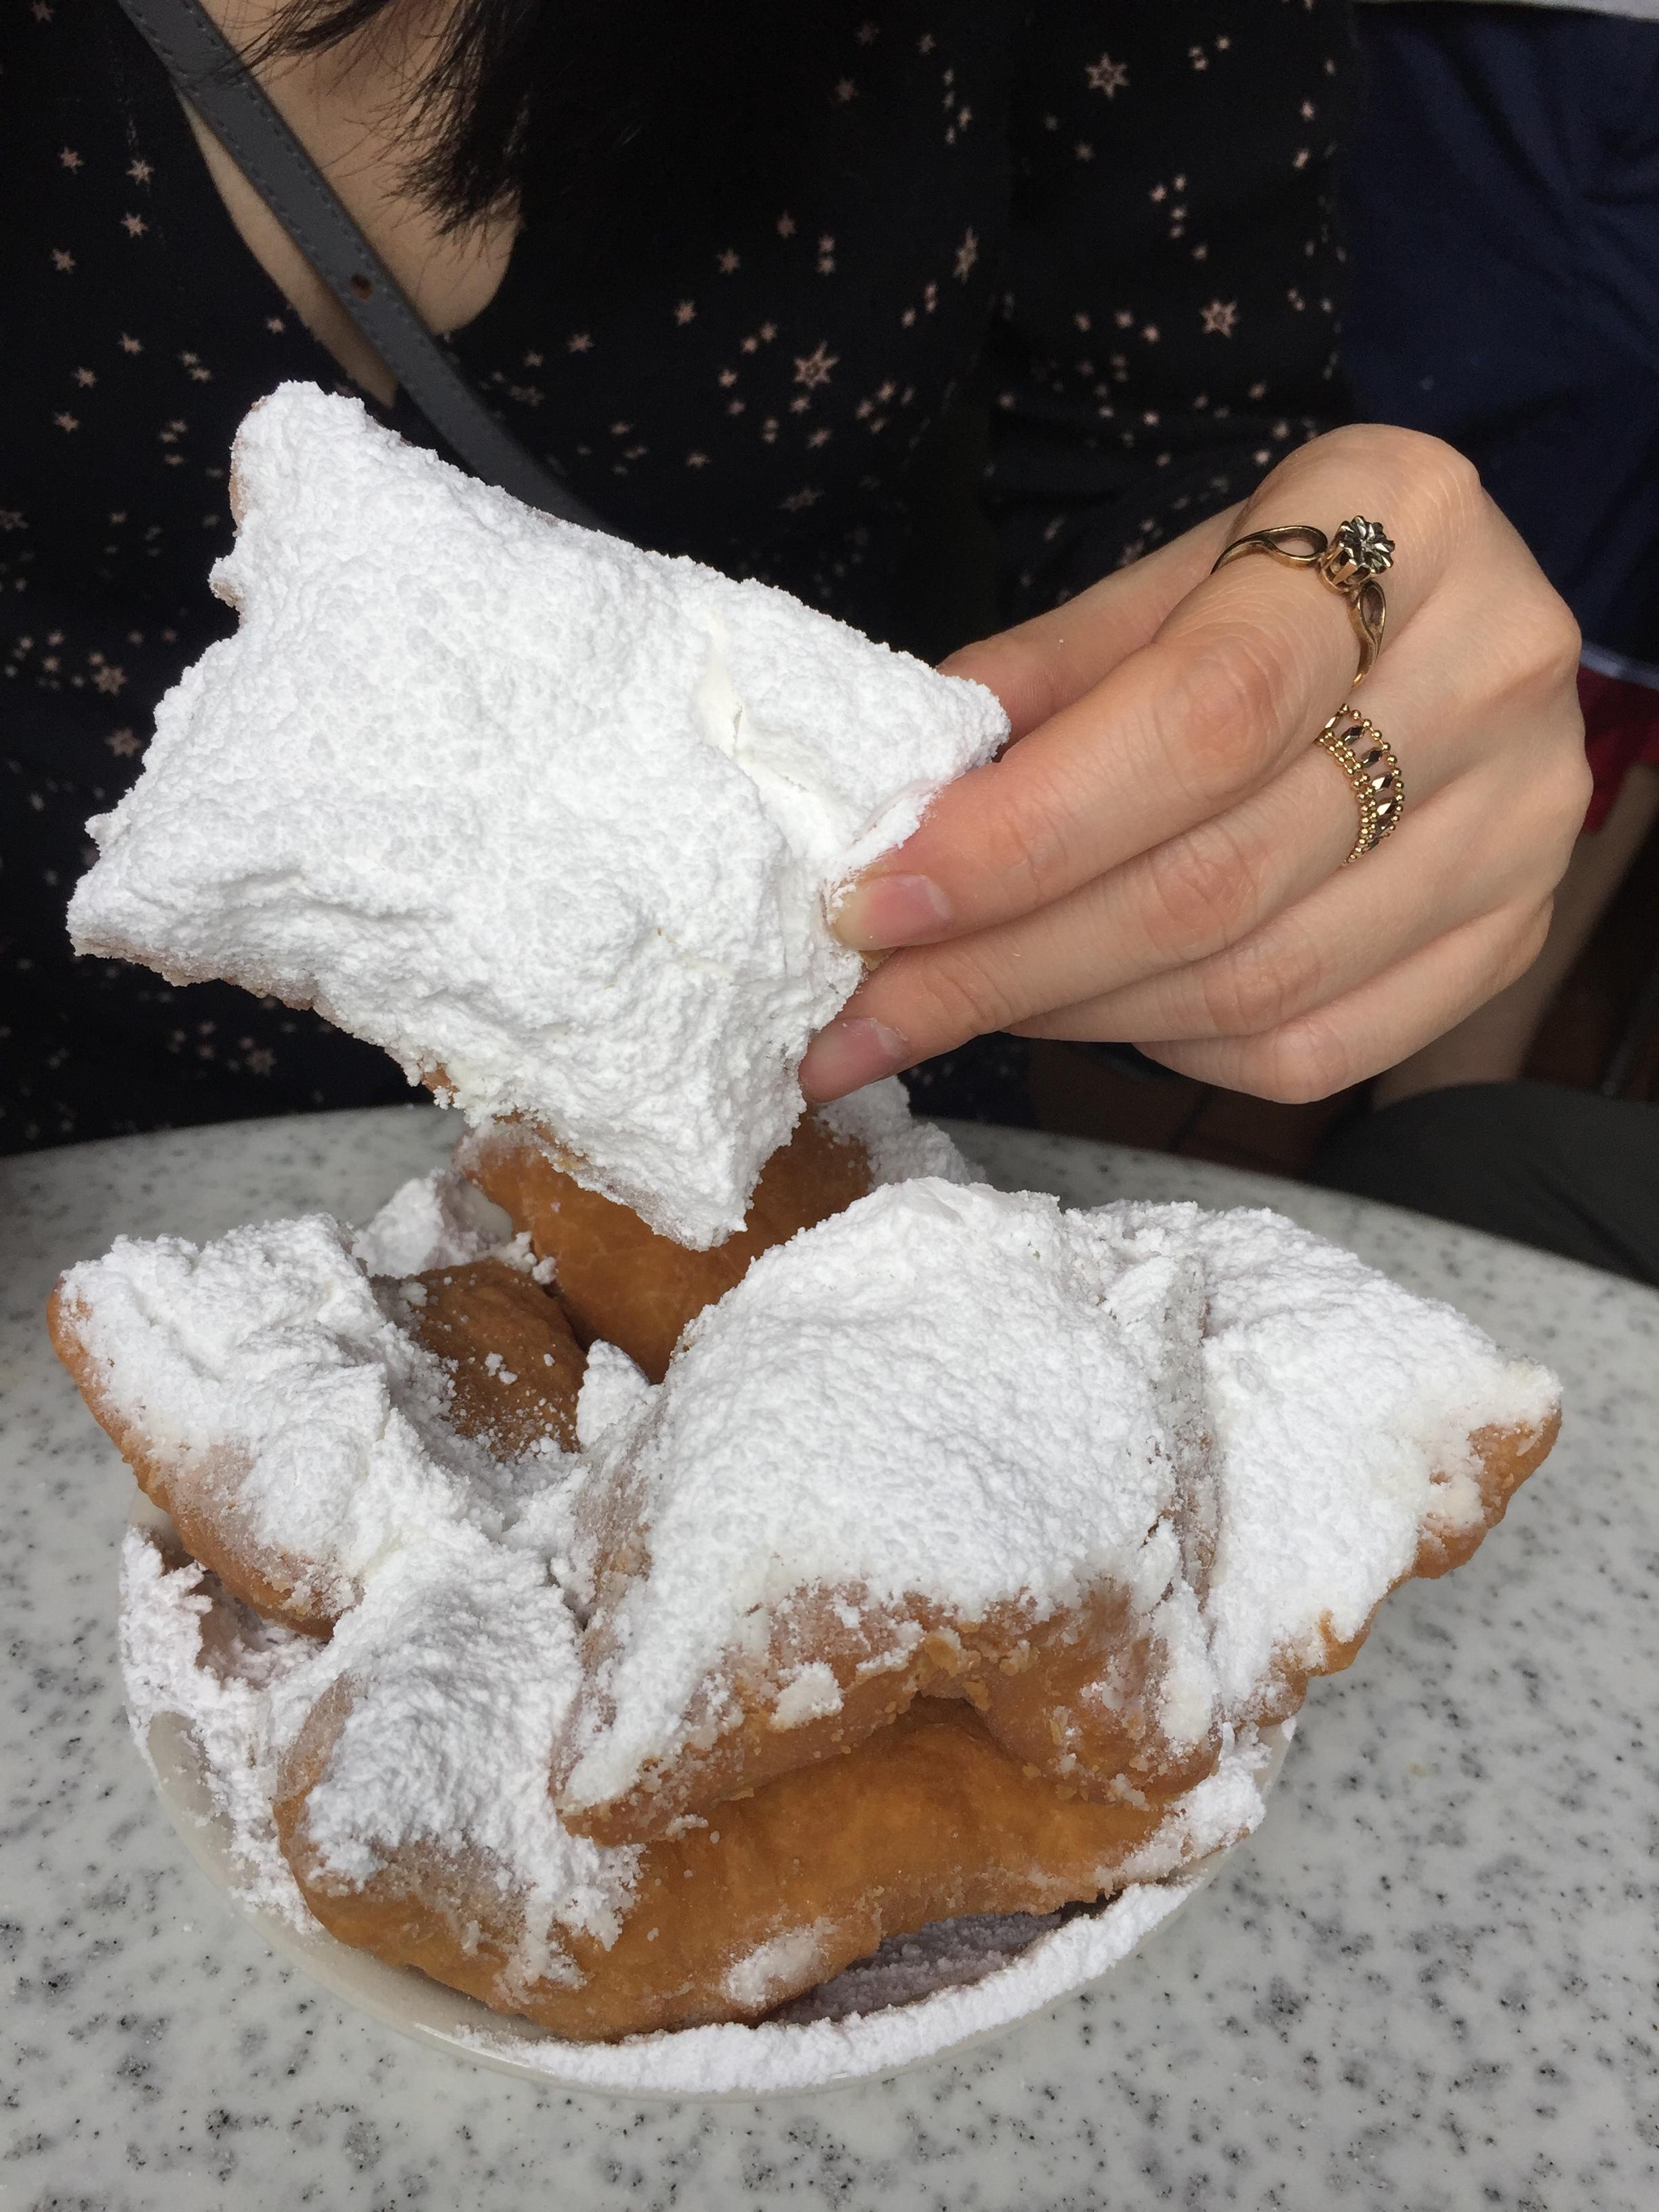 NOLA-french-quarters-cafe-du-monde-beignets